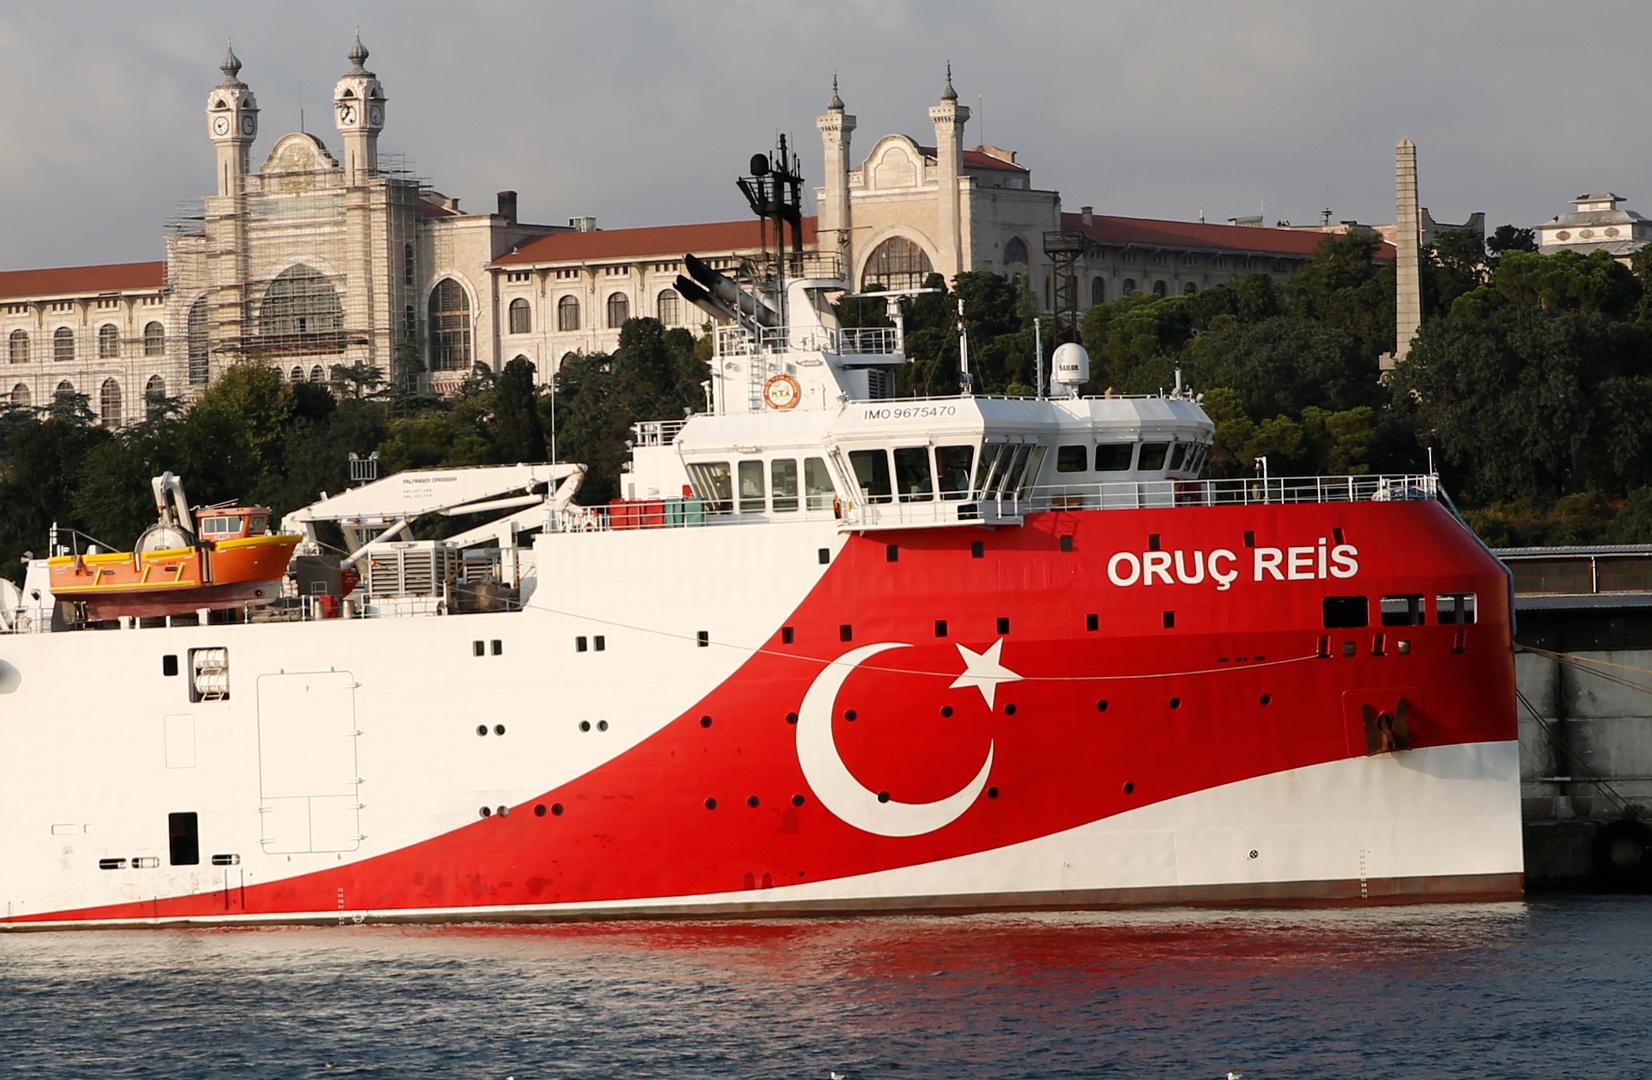 الناتو يعلن بدء المحادثات التقنية العسكرية بين اليونان وتركيا بشأن شرق المتوسط